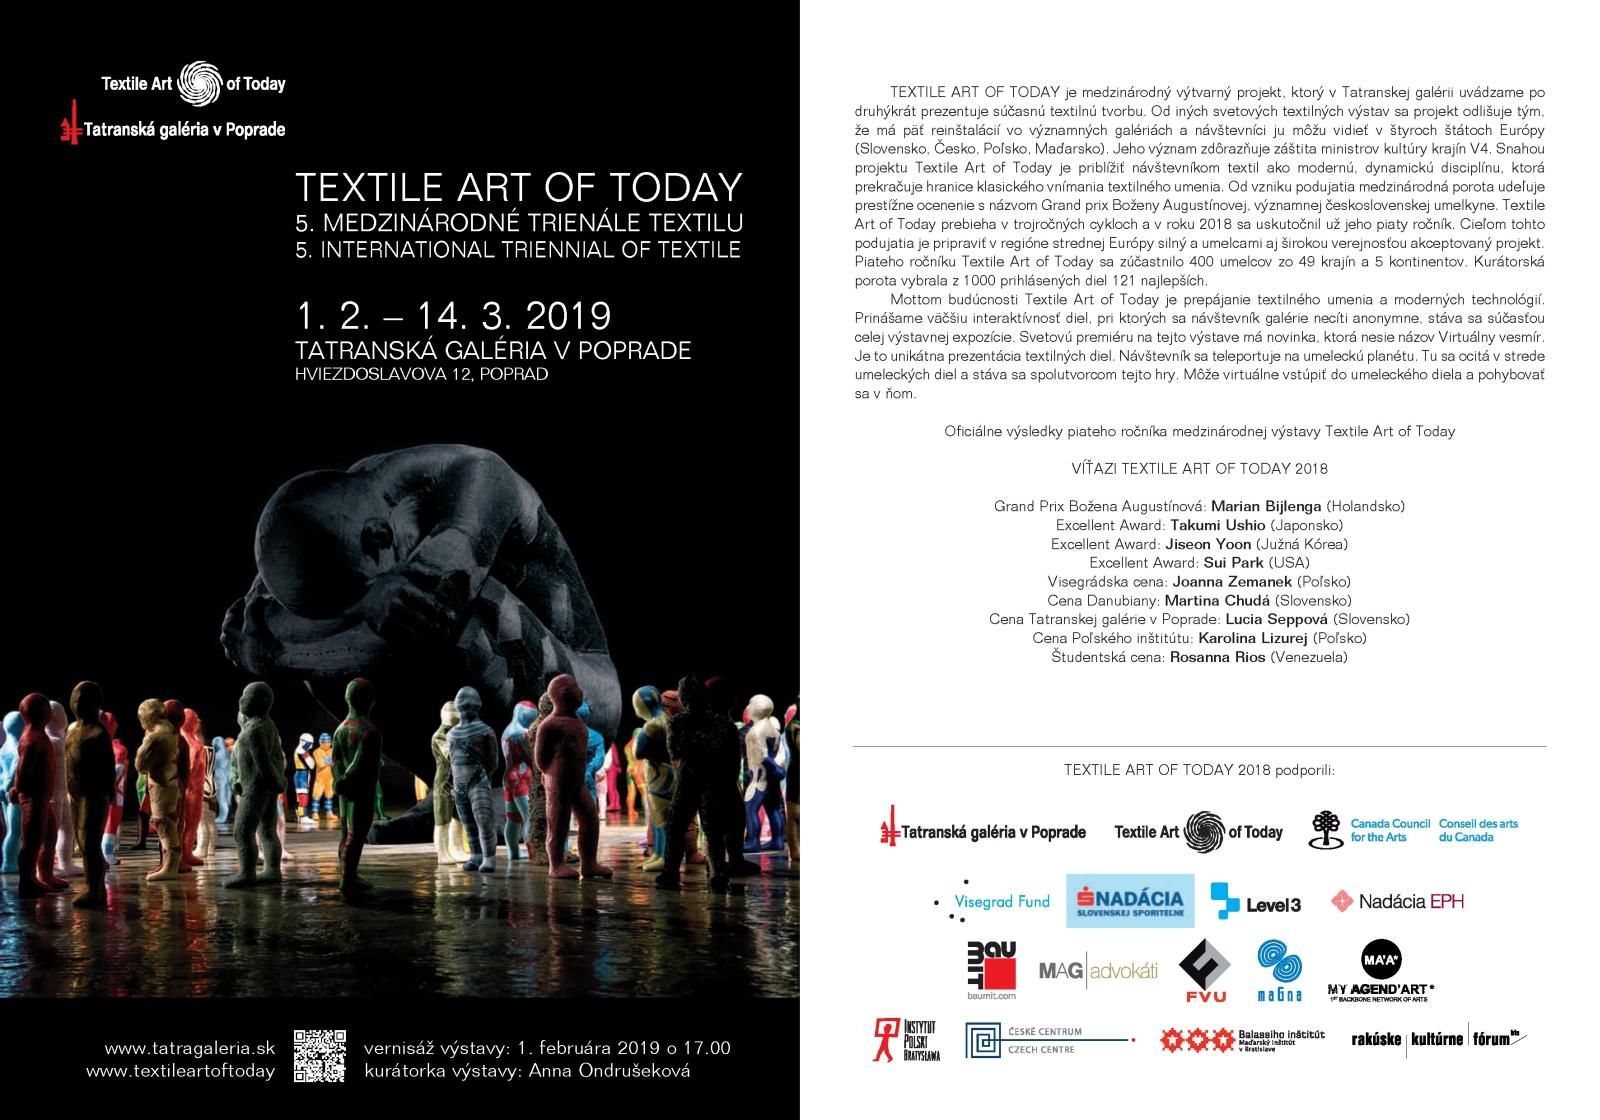 Textile-Art-Today 2019.jpg 25d732bde8e